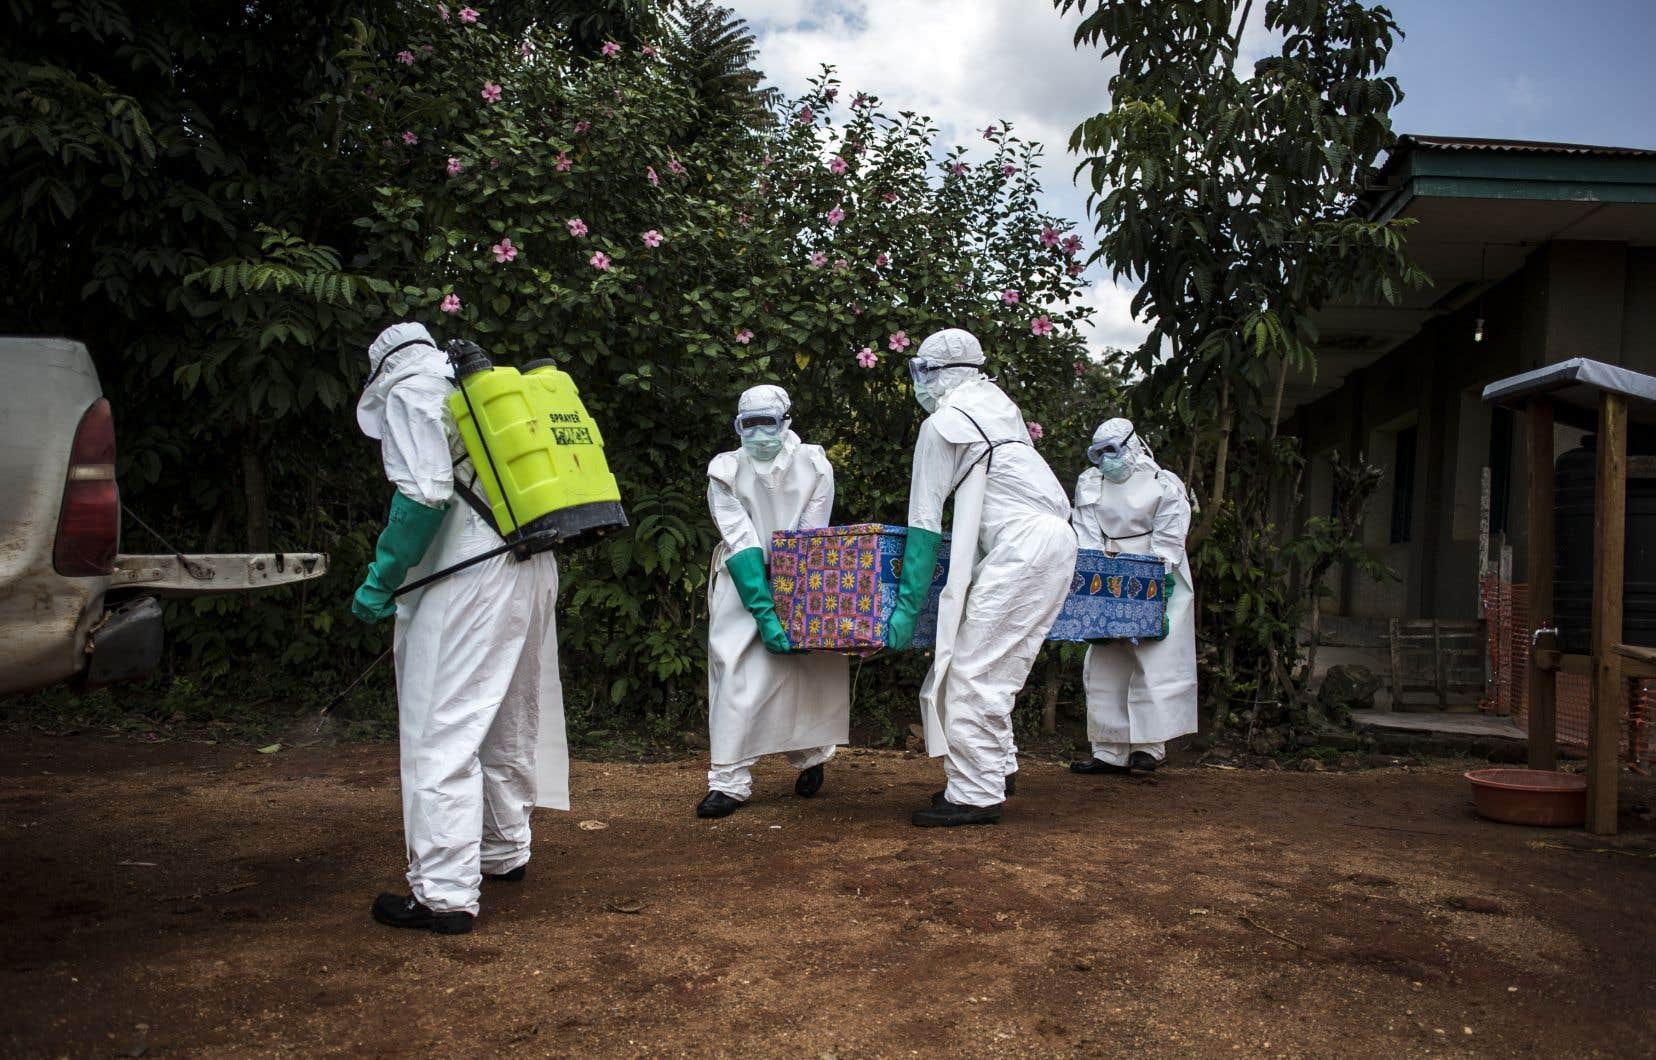 Concrètement, une épidémie d'Ebola est plus facile à contenir qu'une épidémie de grippe, parce que le virus se transmet très difficilement.